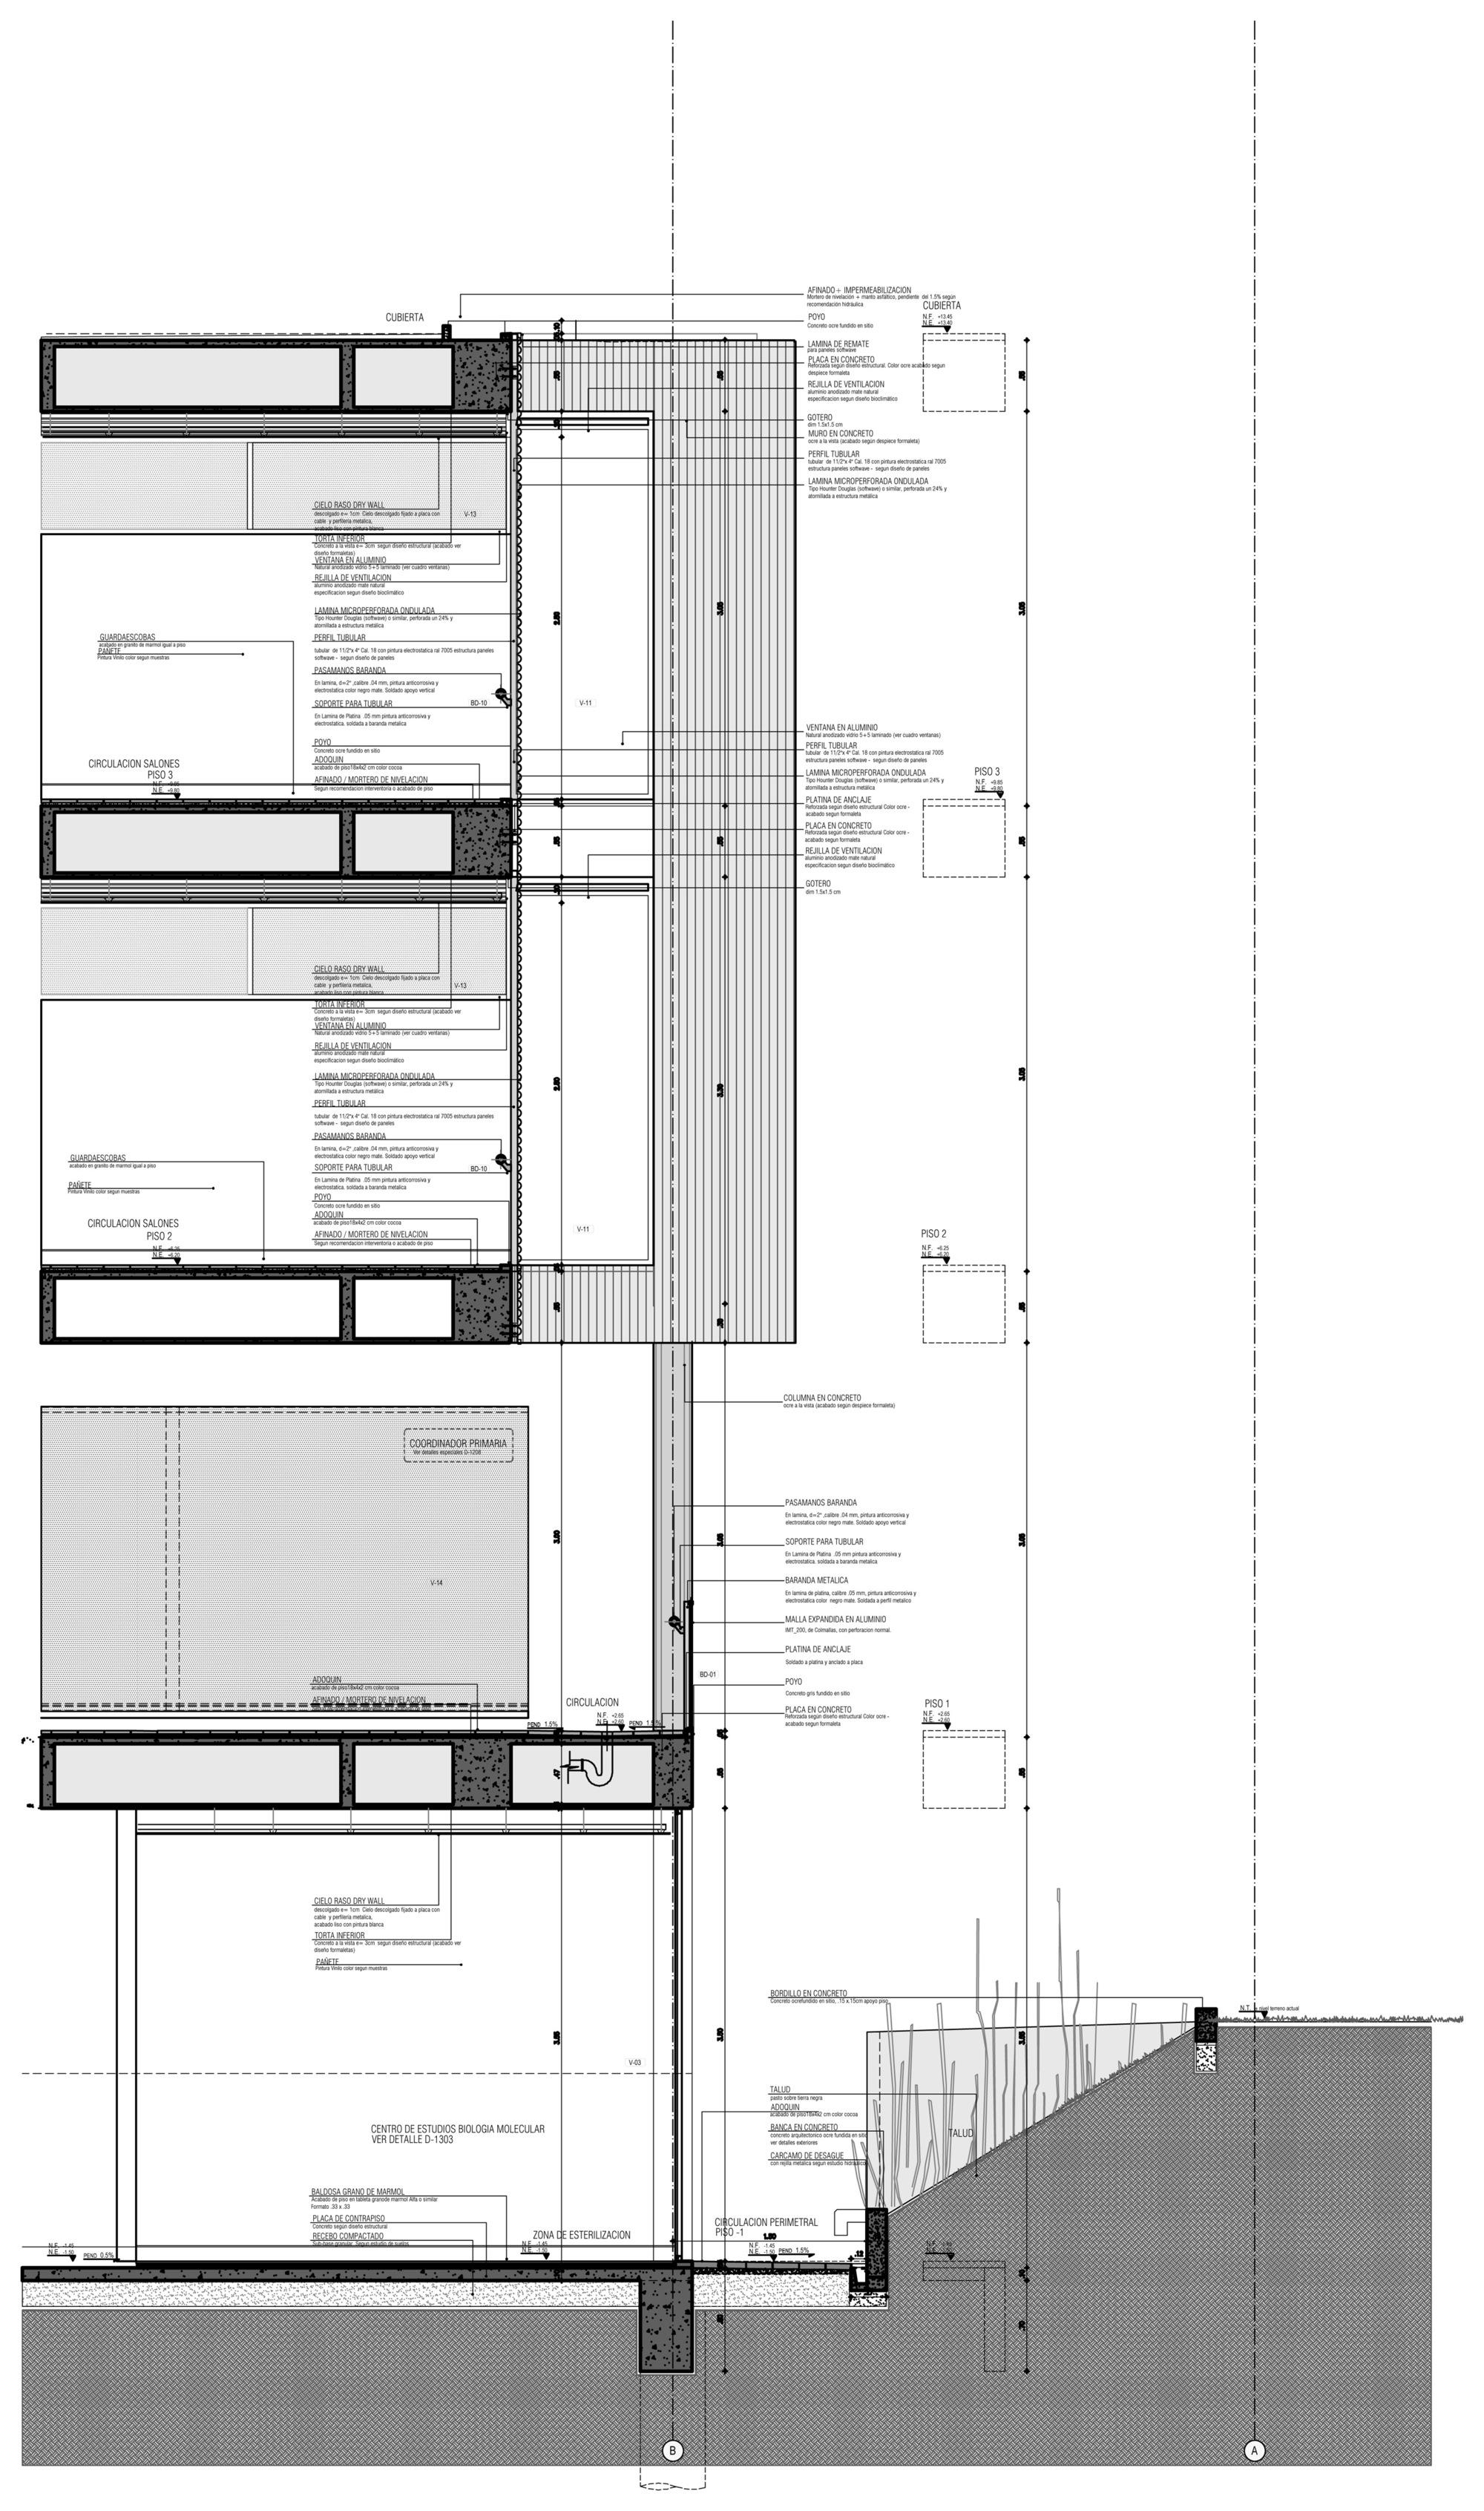 Galer a de gimnasio campestre mgp arquitectura y for Gimnasio 9 y 57